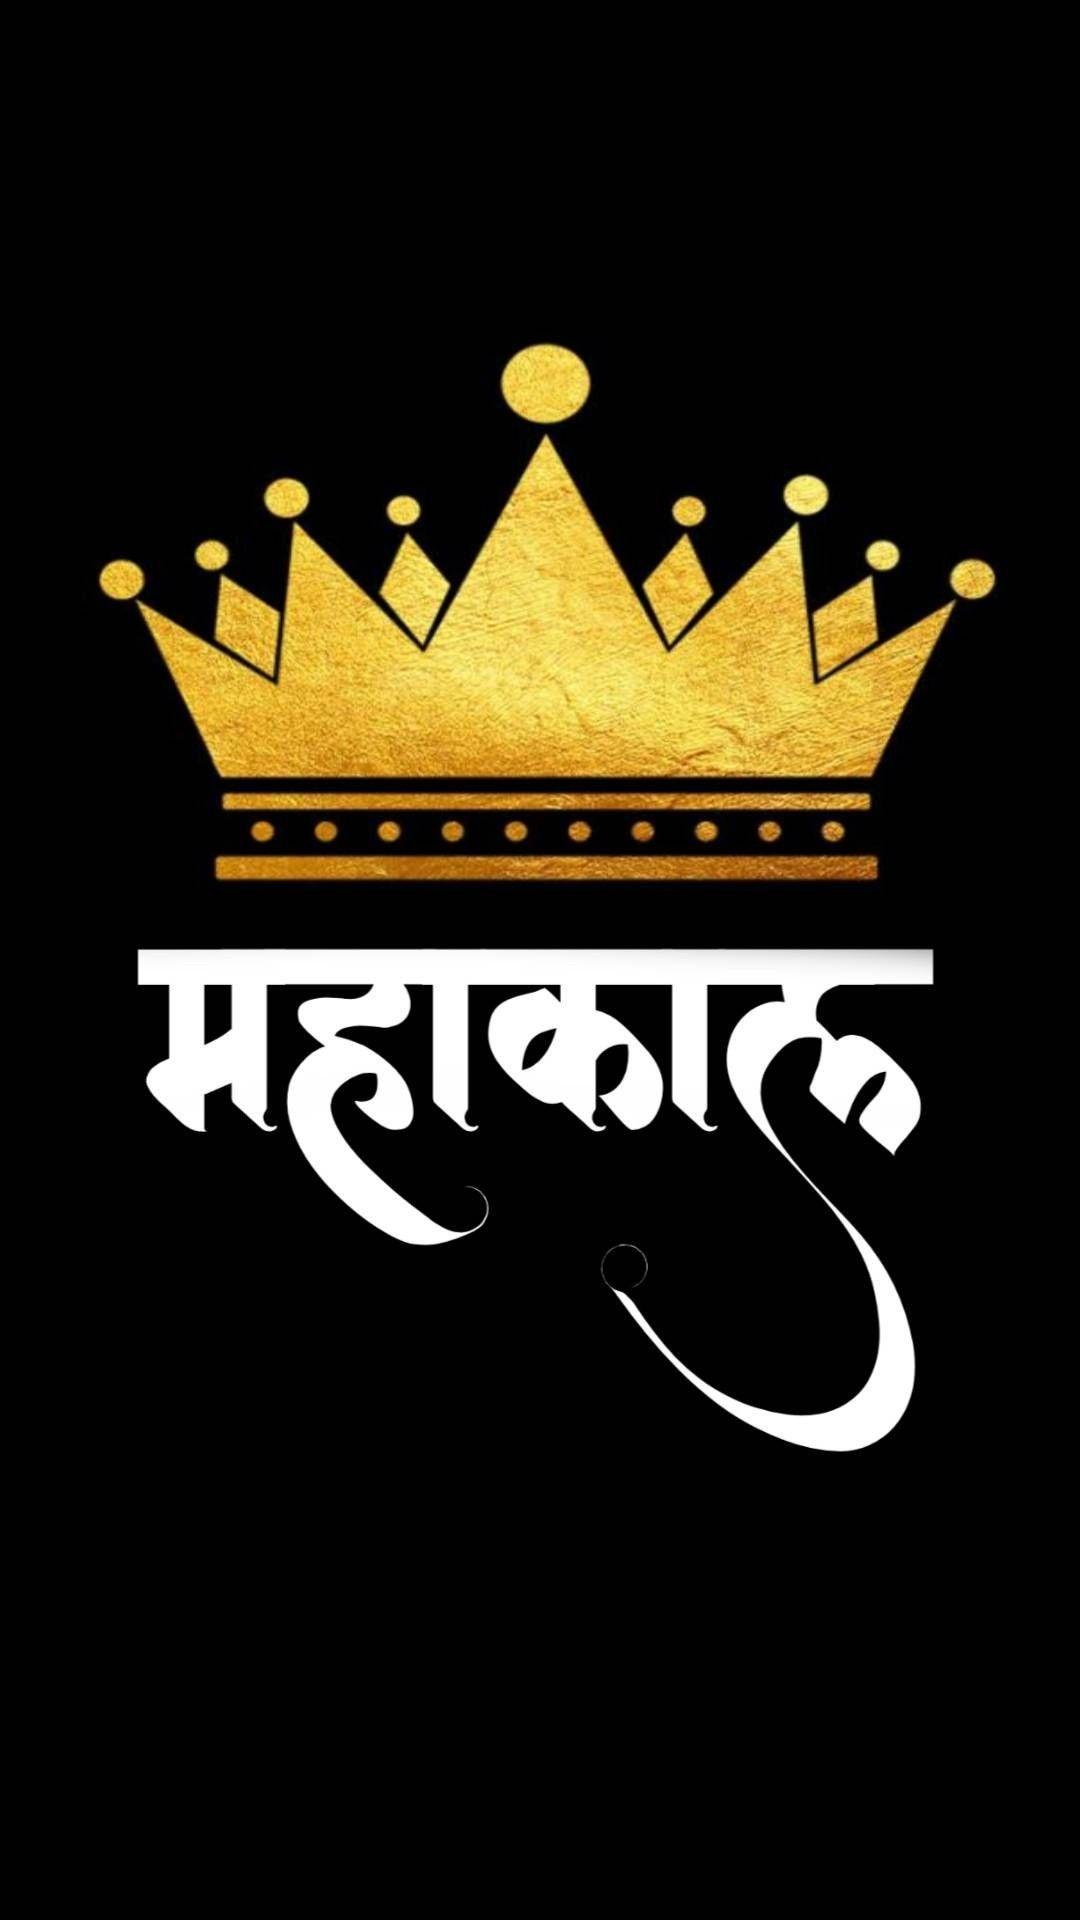 Hindi English Mix Png Text For Photo Editing In Picsart Photoshop Mahadev Hd Wallpaper Shiva Wallpaper Lord Shiva Hd Wallpaper